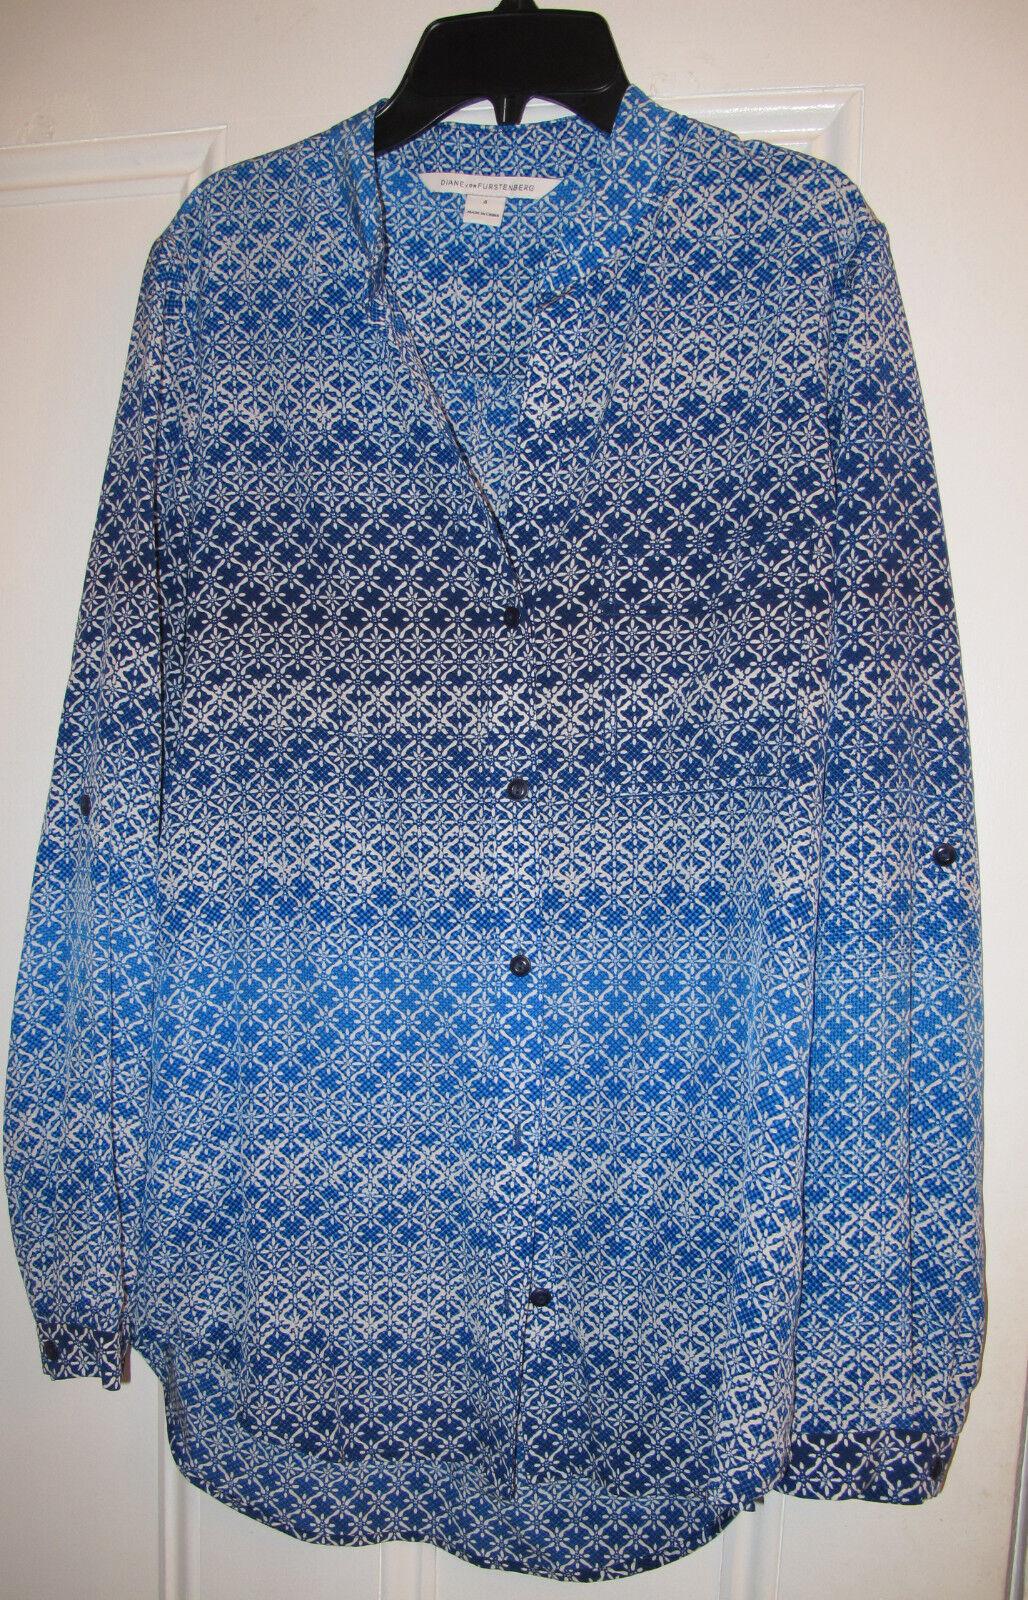 NWOT Diane von Furstenberg GILMORE Blau Weiß Silk Tunic Shirt Blouse Größe 4